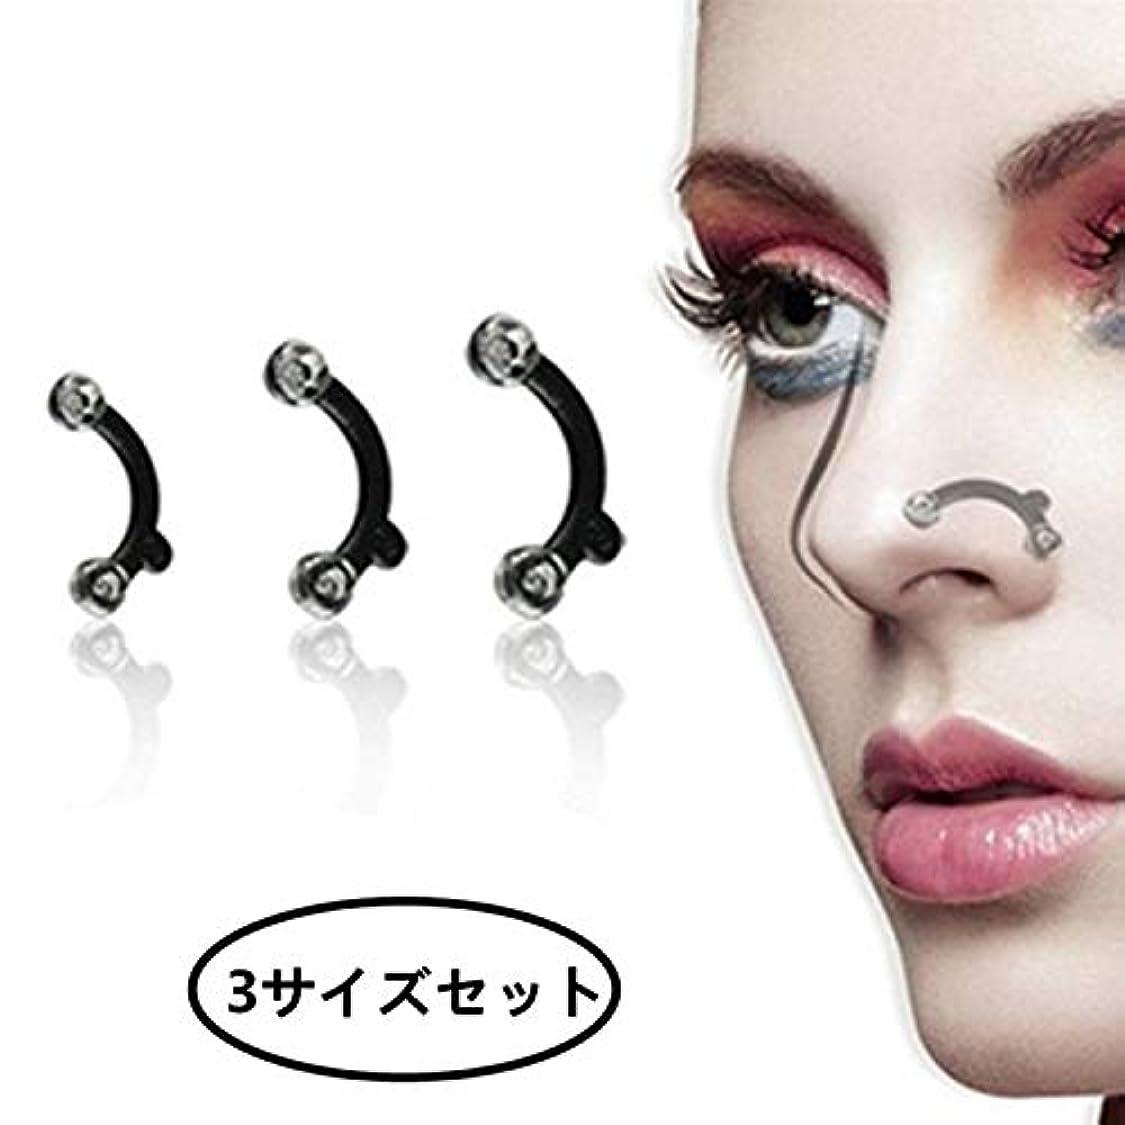 オーラルおびえた衣類鼻プチ 柔軟性高く ビューティー 矯正プチ 整形せ 24.5mm/25.5mm/27mm 全3サイズセット ブラック